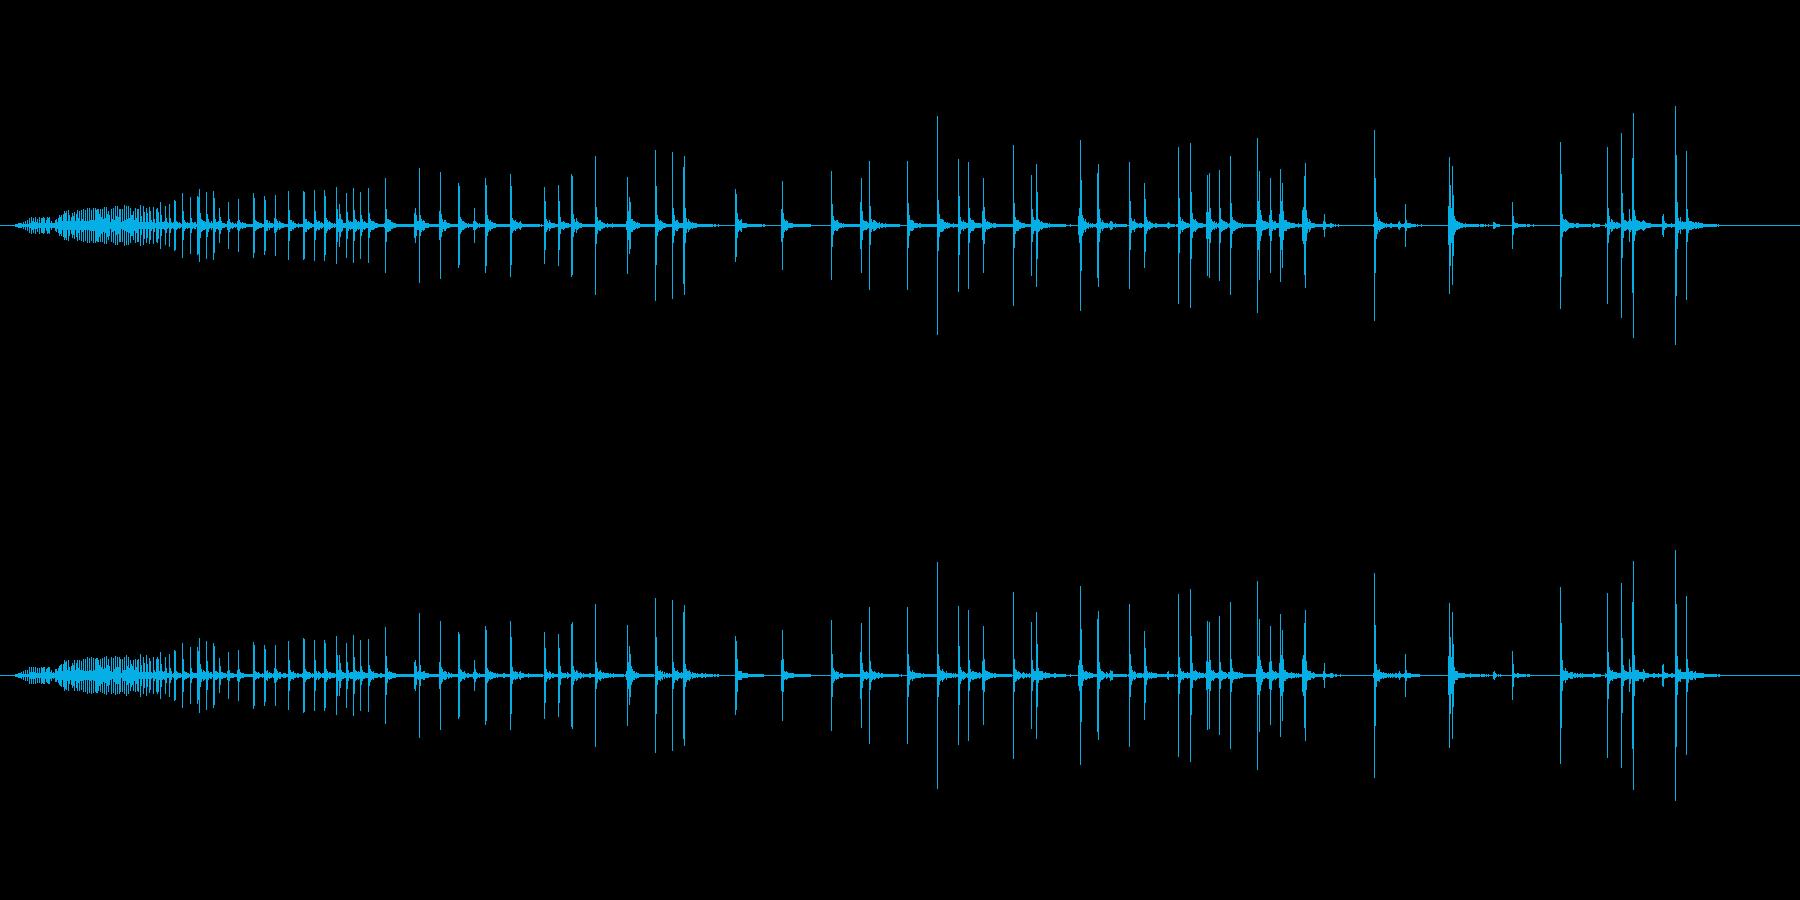 【生録音】軋む音 ギーー 2の再生済みの波形